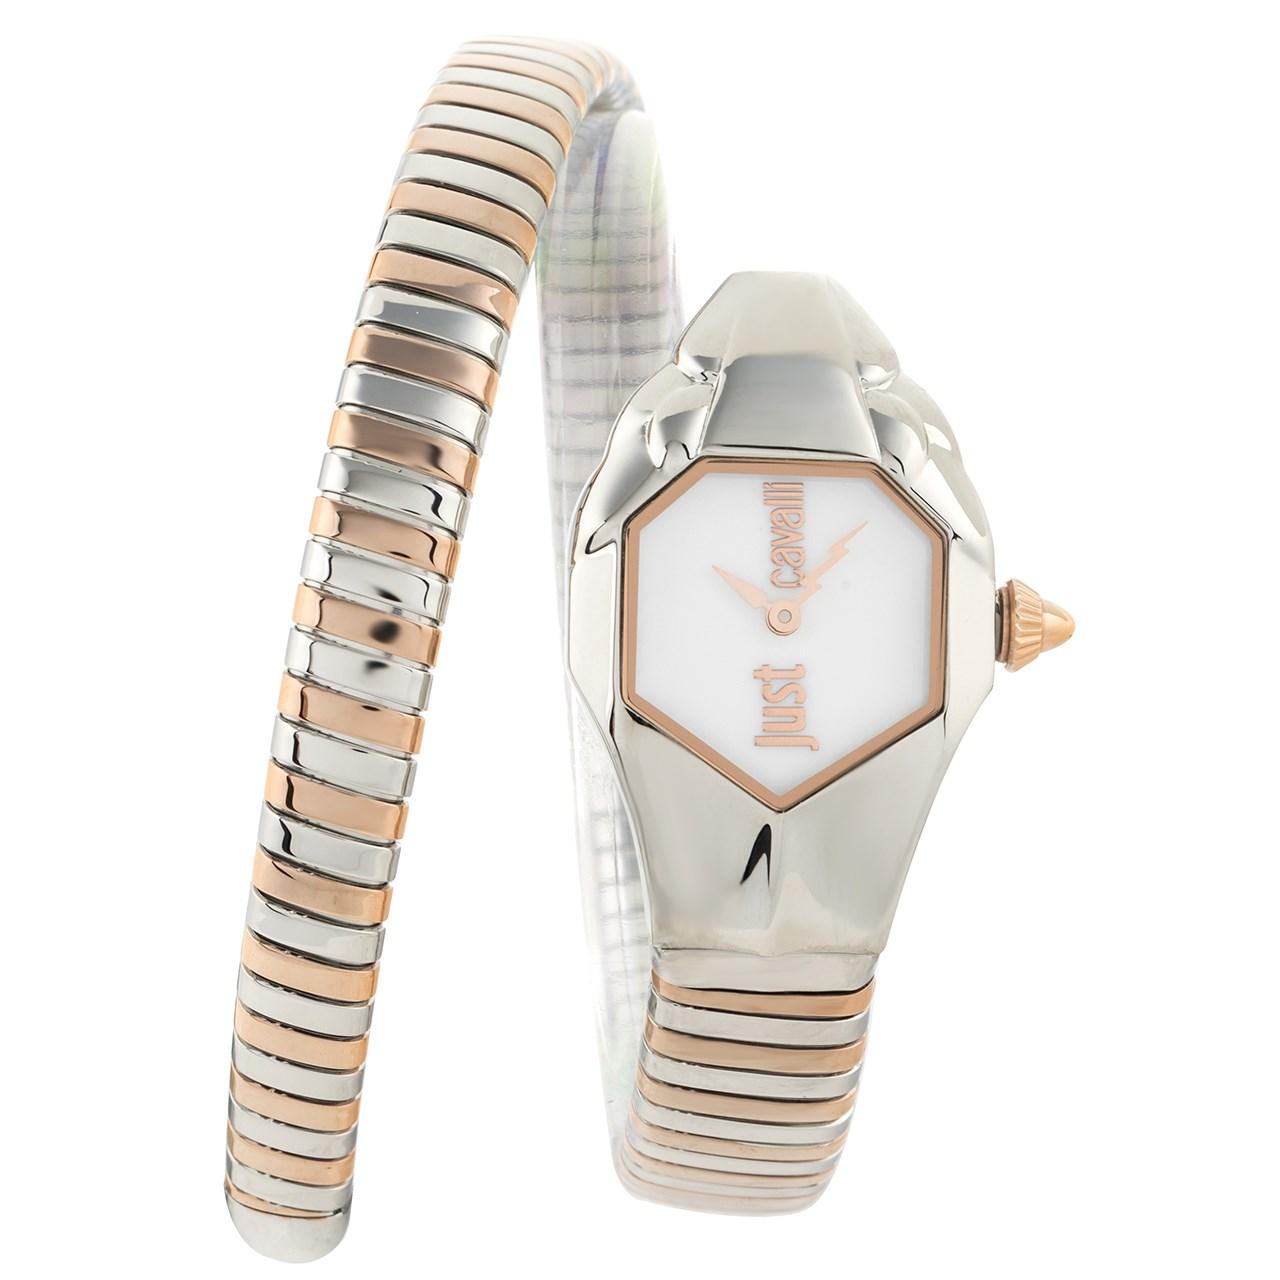 ساعت مچی عقربه ای زنانه جاست کاوالی مدل JC1L001M0045 25